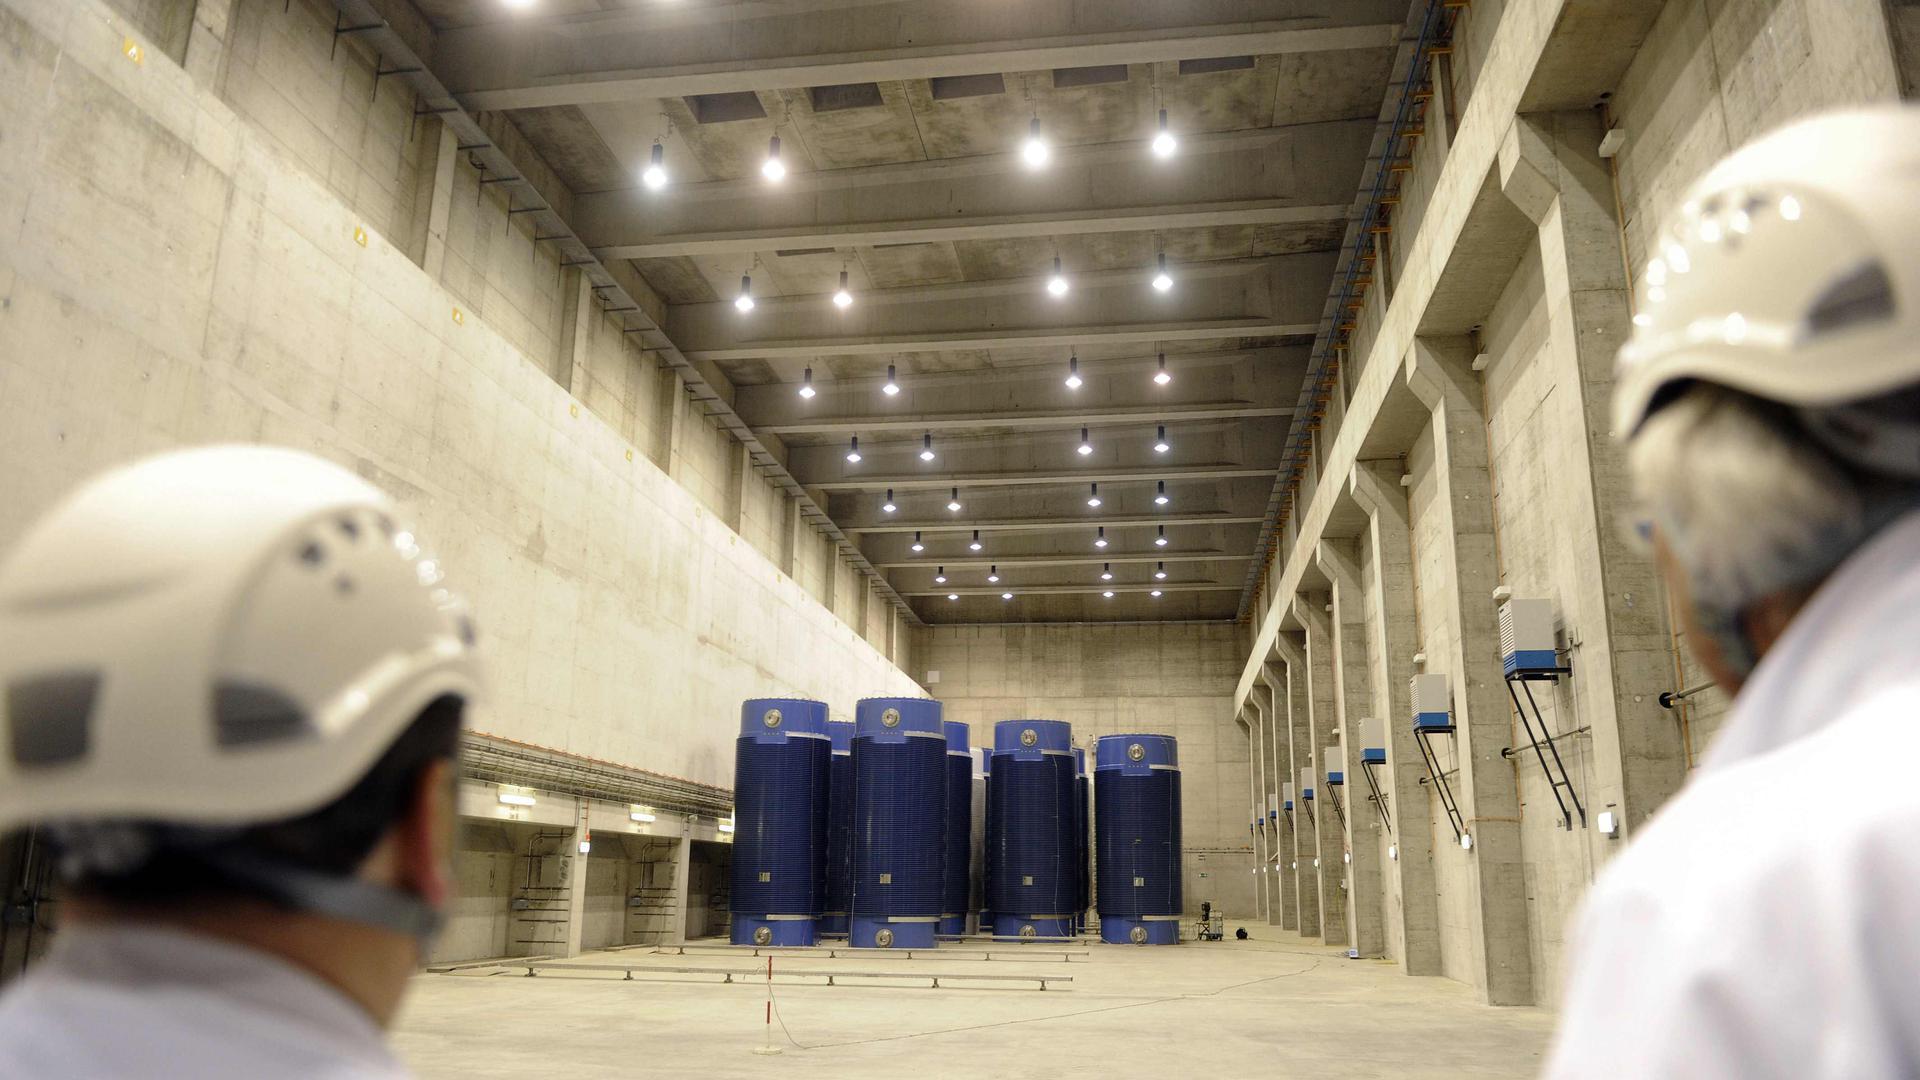 Das Foto vom Mittwoch (17.11.2010) zeigt das mit 34 Castor-Behältern gefüllte Zwischenlager für Atommüll am Kernkraftwerk Philippsburg (Kreis Karlsruhe). Bis Mitte 2005 wurde der aus dem Betrieb des Siedewasserreaktors KKP 1 und des neueren Druckwasserreaktors KKP 2 stammende Abfall zur Wiederaufarbeitung auf die Reise ins französische La Hague und ins englische Sellafield geschickt. Der zwischen den Stromversorgern mit der damaligen Bundesregierung ausgehandelte Atomkonsens machte damit Schluss. Die Betreiber mussten Zwischenlager an ihren Meilern errichten, in dem der Atommüll so lange bleiben soll, bis ein Endlager gefunden ist. Foto: Uli Deck dpa/lsw (Zu lsw Korr _Vorsicht Strahlung: Der Atommüll am Meiler Philippsburg_ vom 18.11.2010) ++ +++ dpa-Bildfunk +++